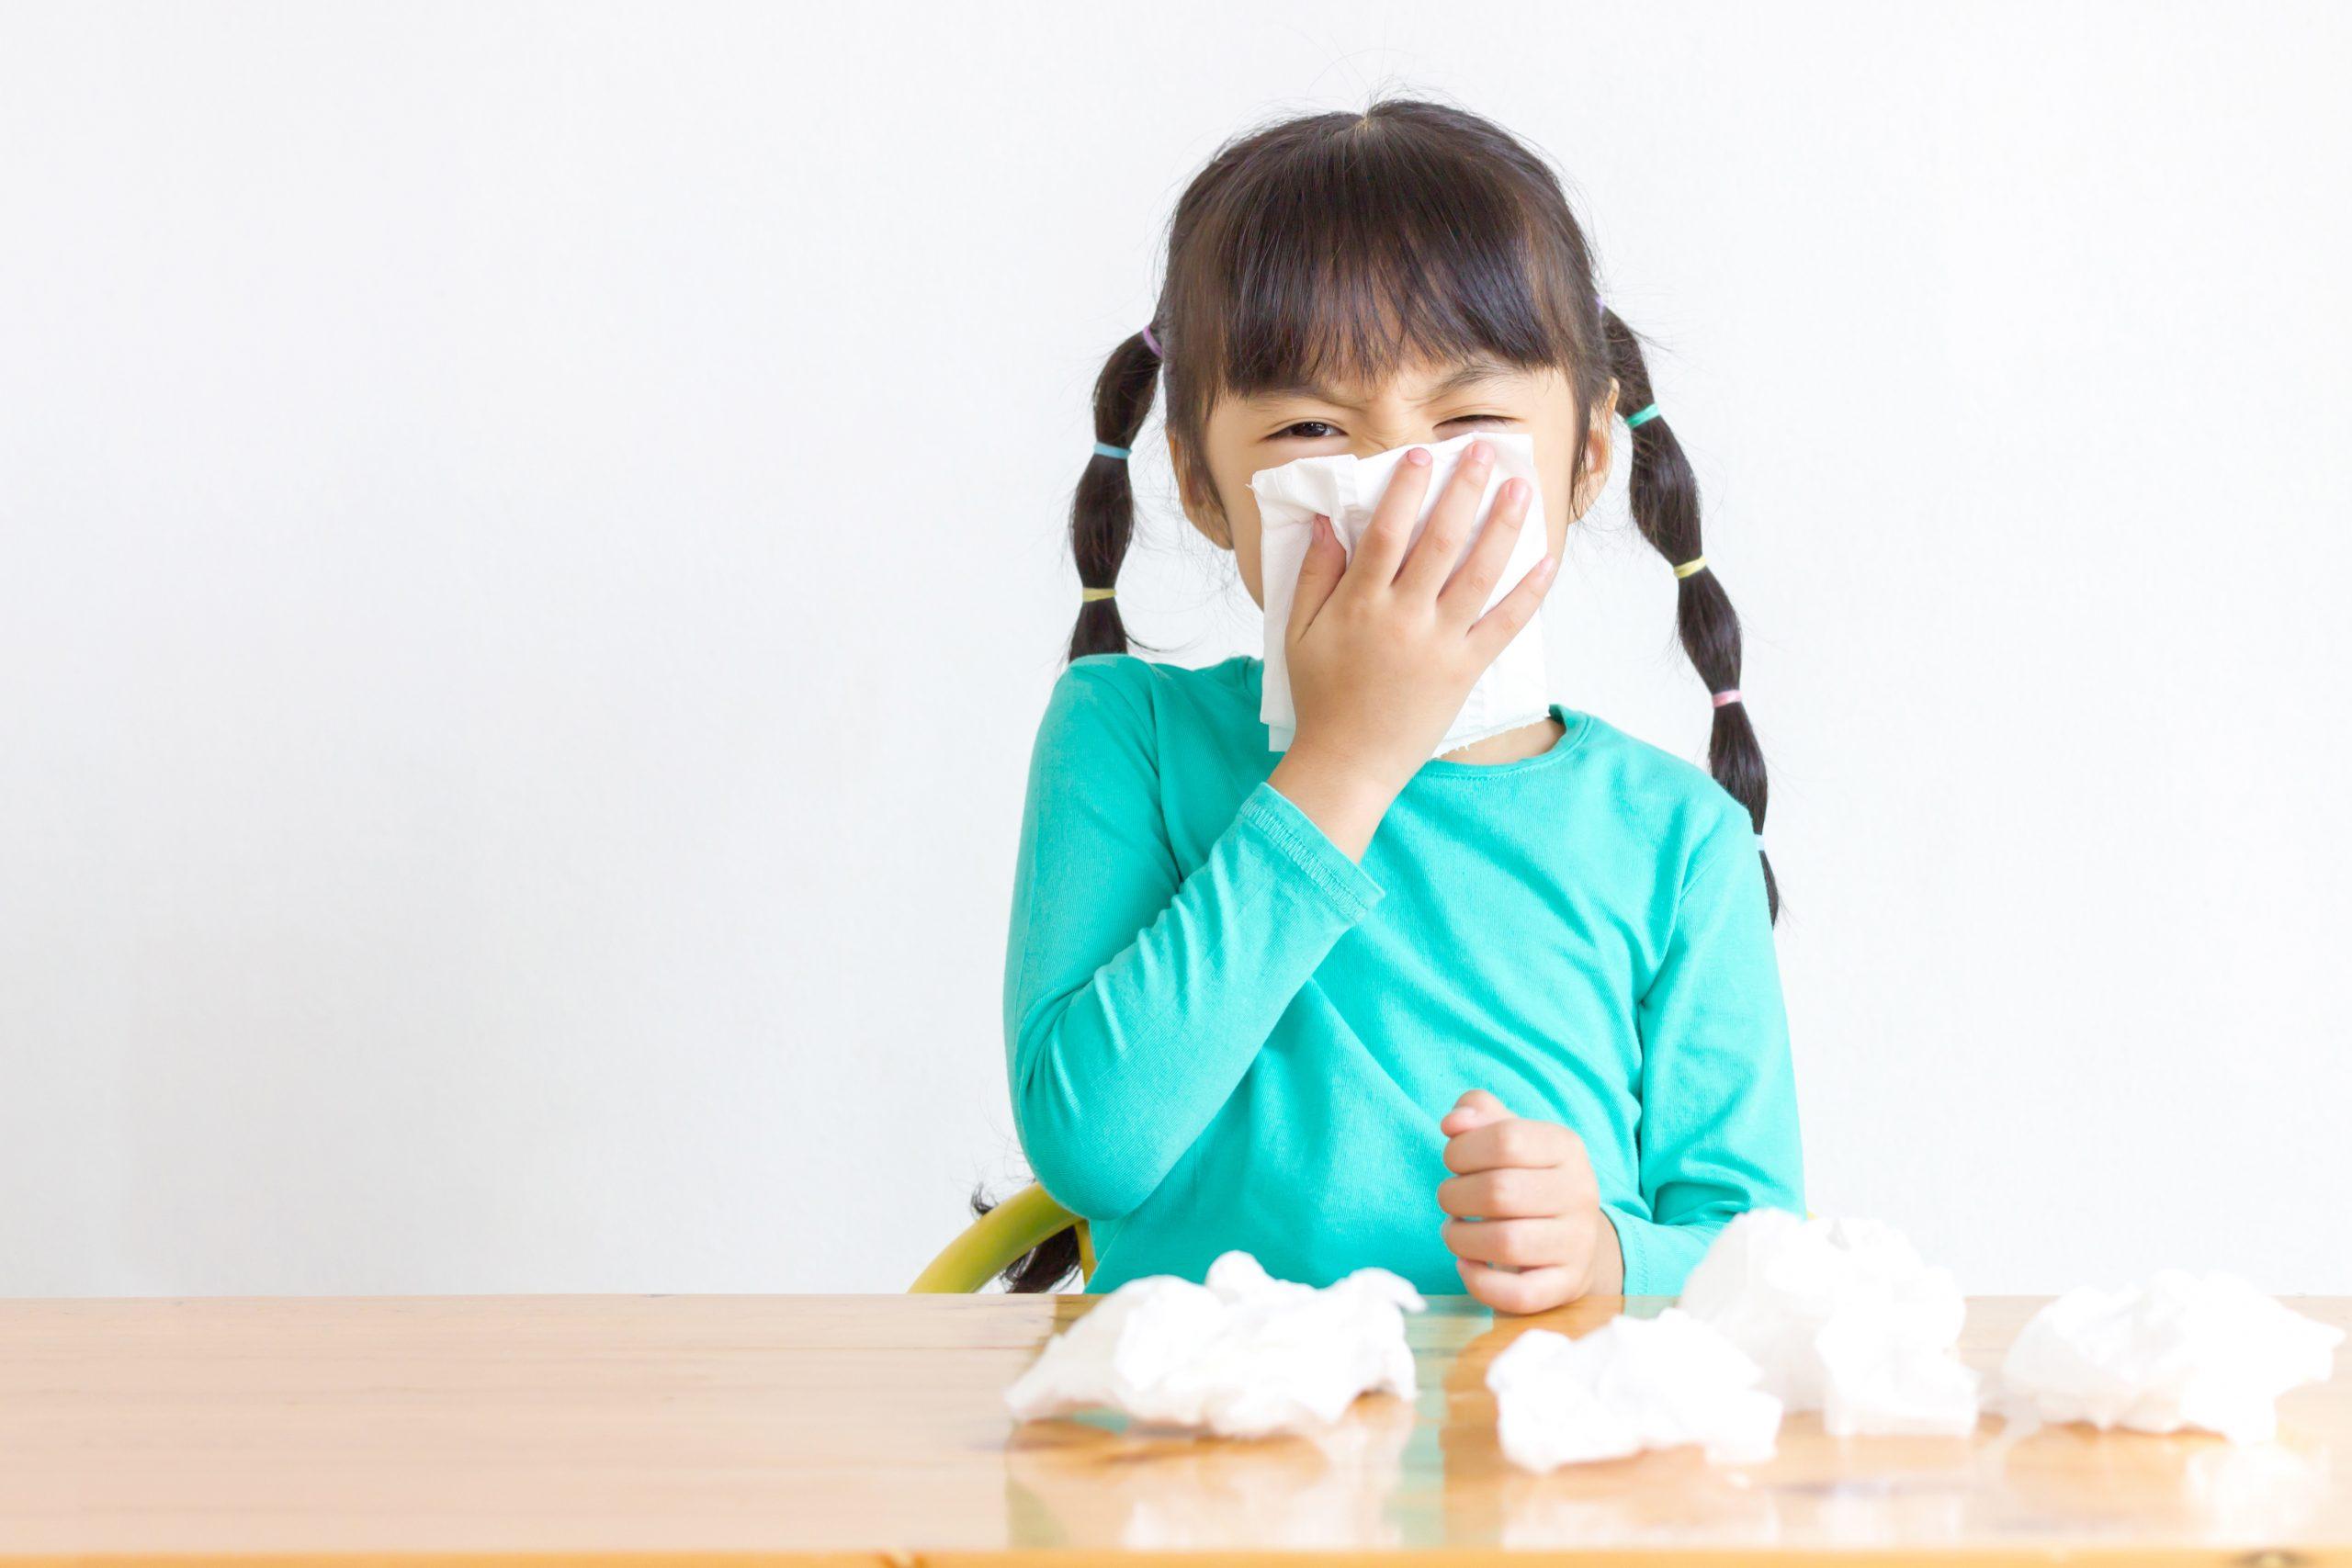 โรคในเด็ก ที่คุณแม่ทุกคน ต้องทำความรู้จัก เพื่อสุขภาพที่ดี ของลูกน้อย